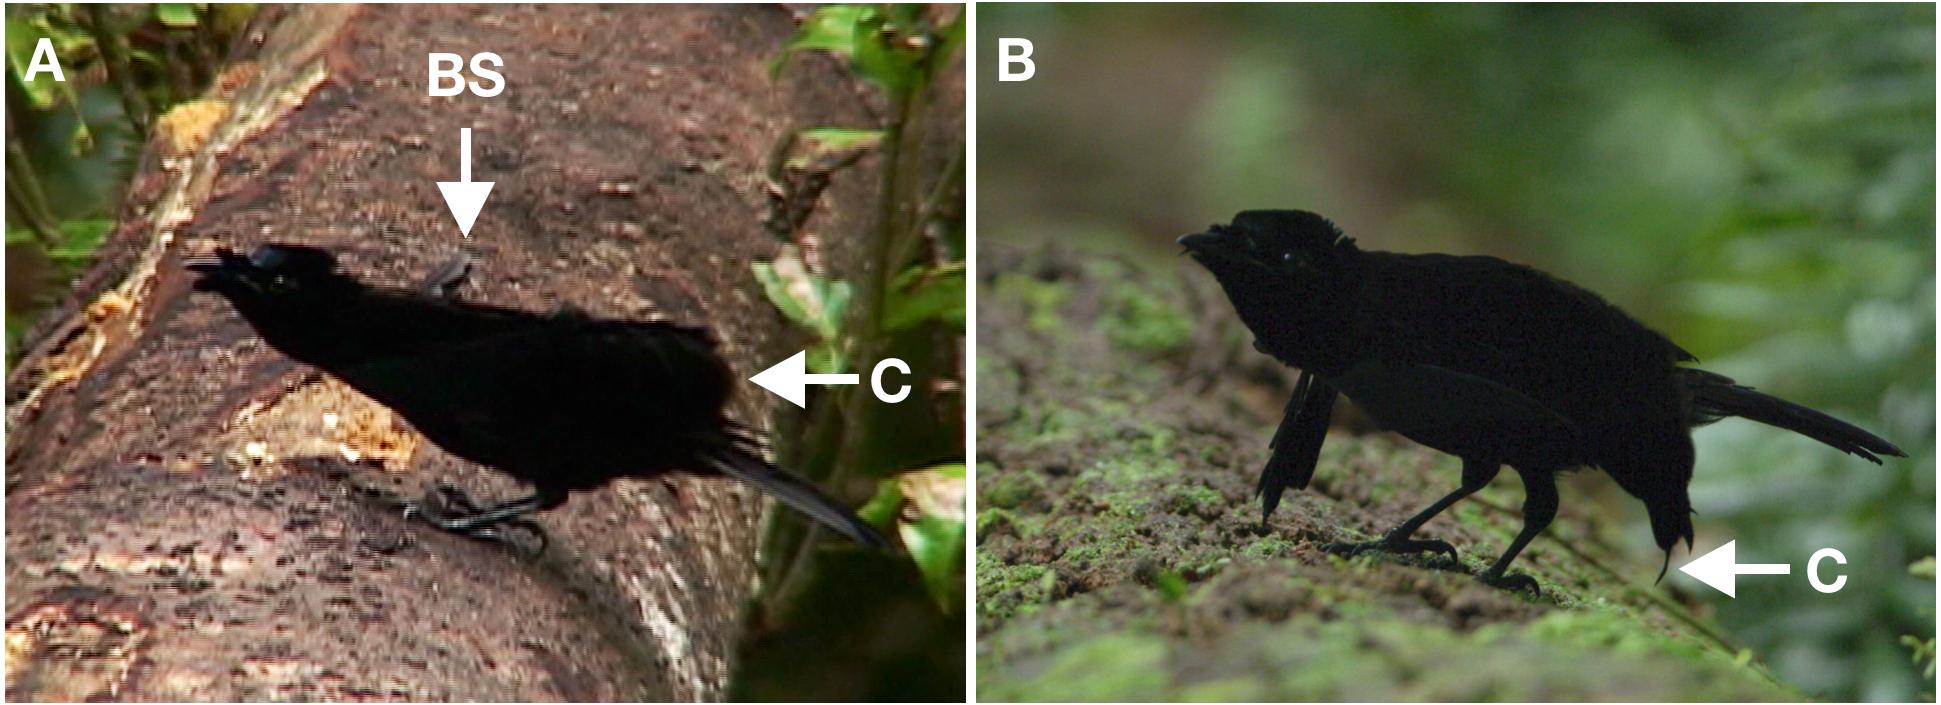 Distinctive courtship phenotype of the Vogelkop Superb Bird-of